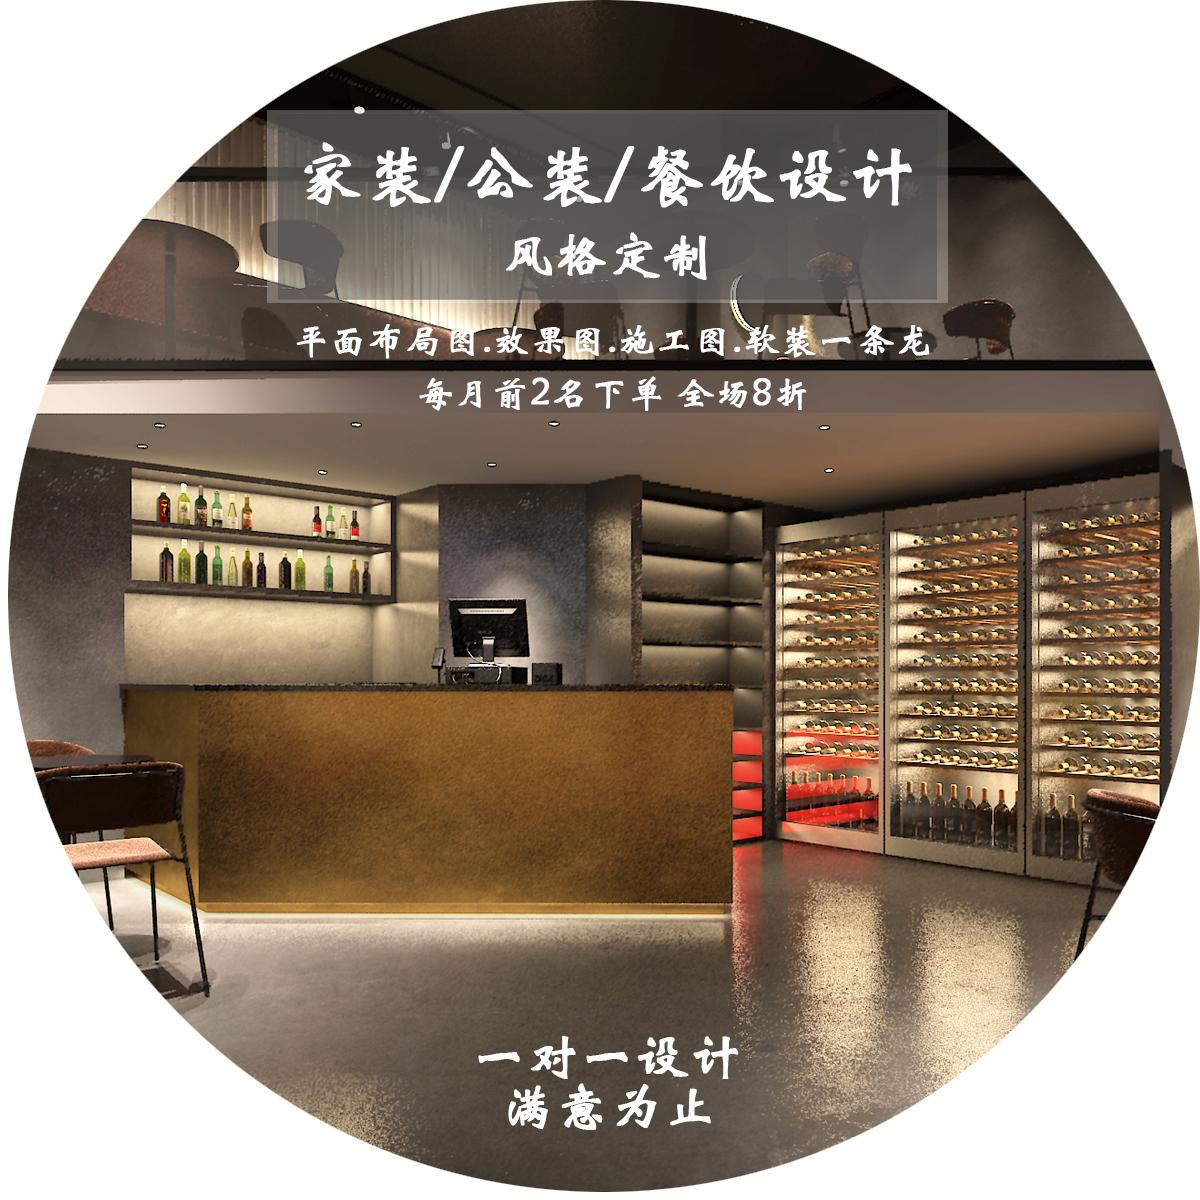 室内商业空间实体店设计女装工作室店铺餐饮酒吧网红店商铺奶茶店